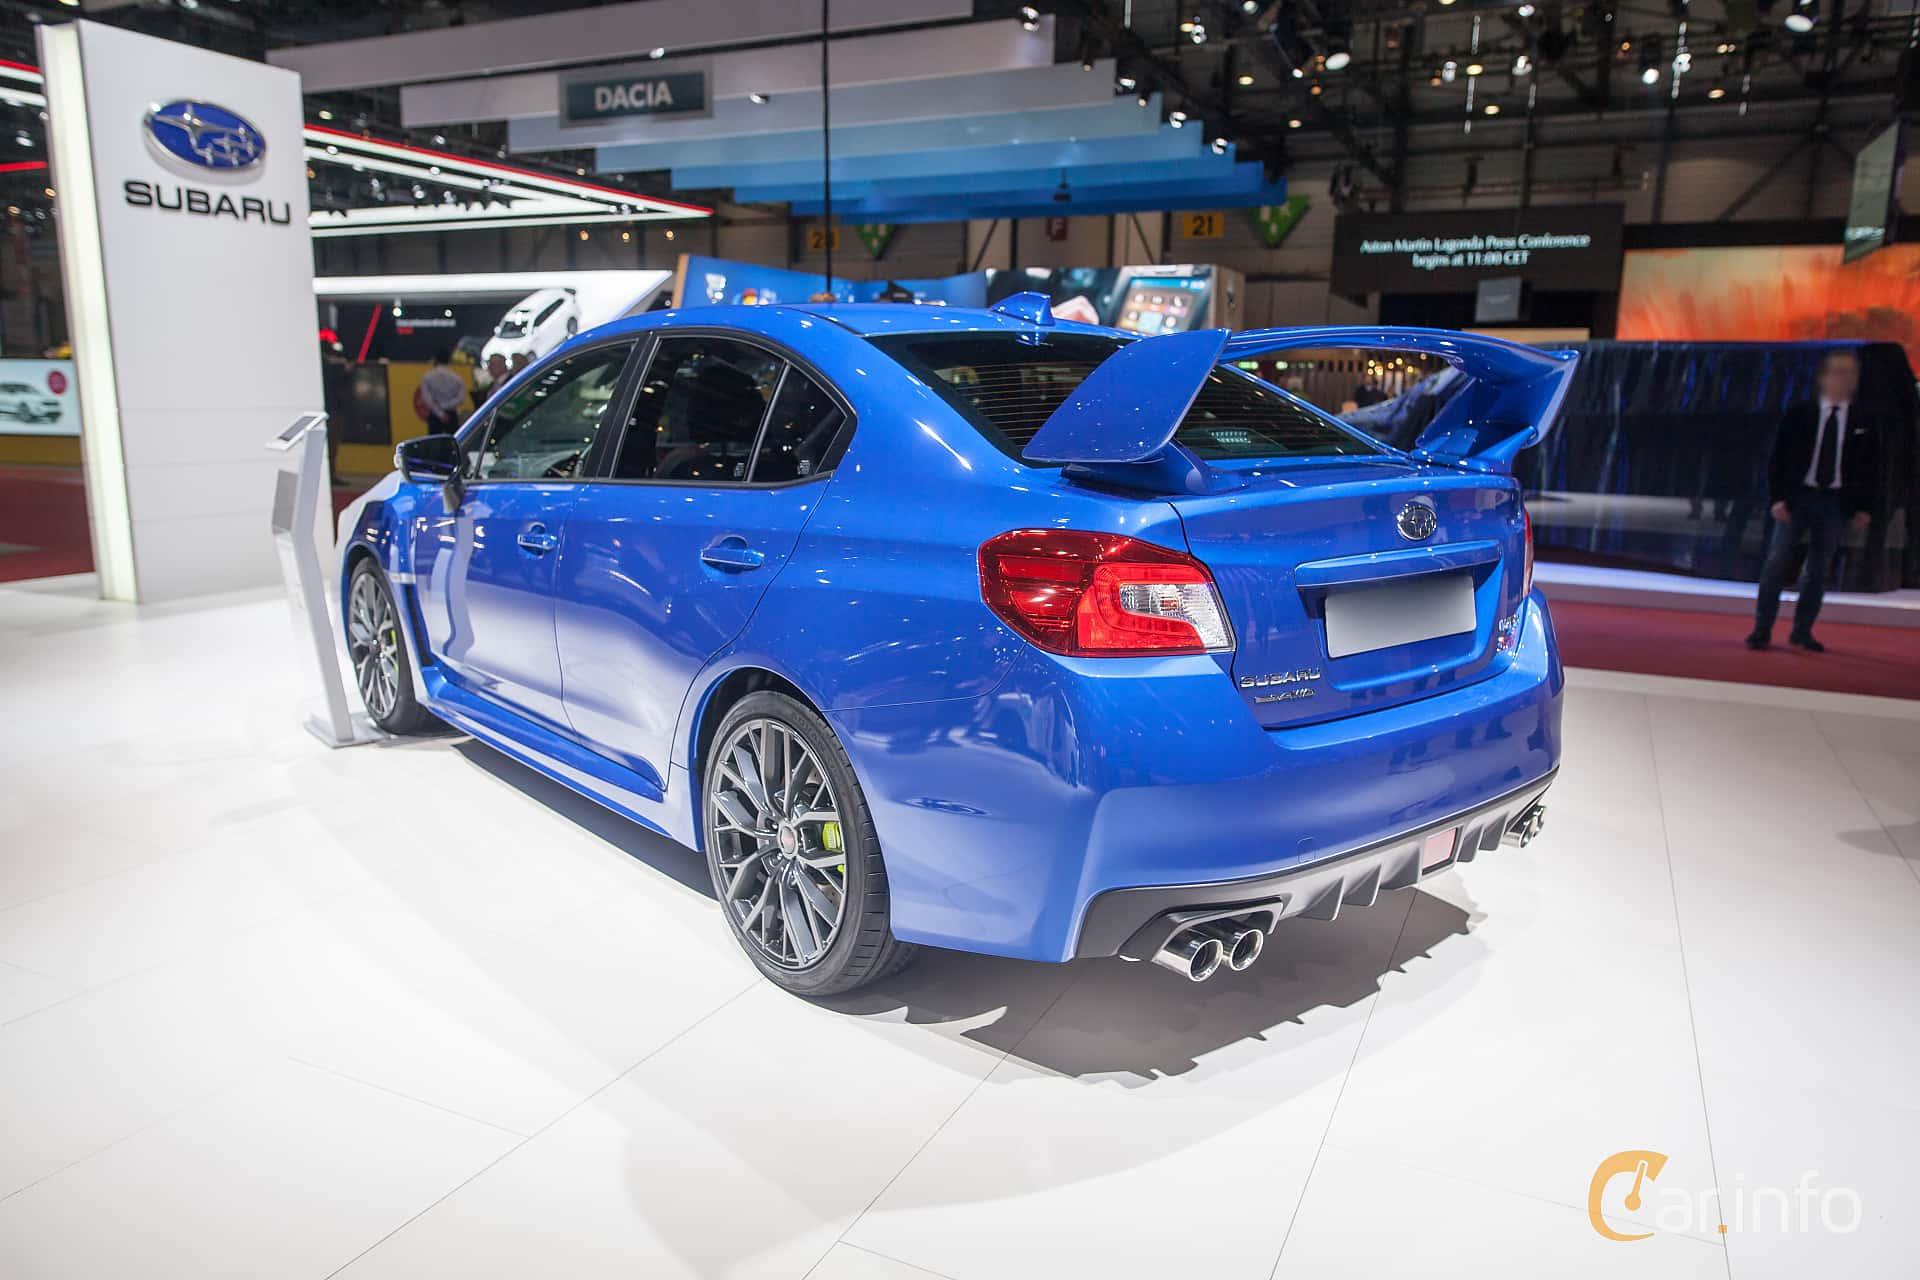 Subaru WRX STi 2.5 4WD Manual, 300hp, 2018 at Geneva Motor Show 2018